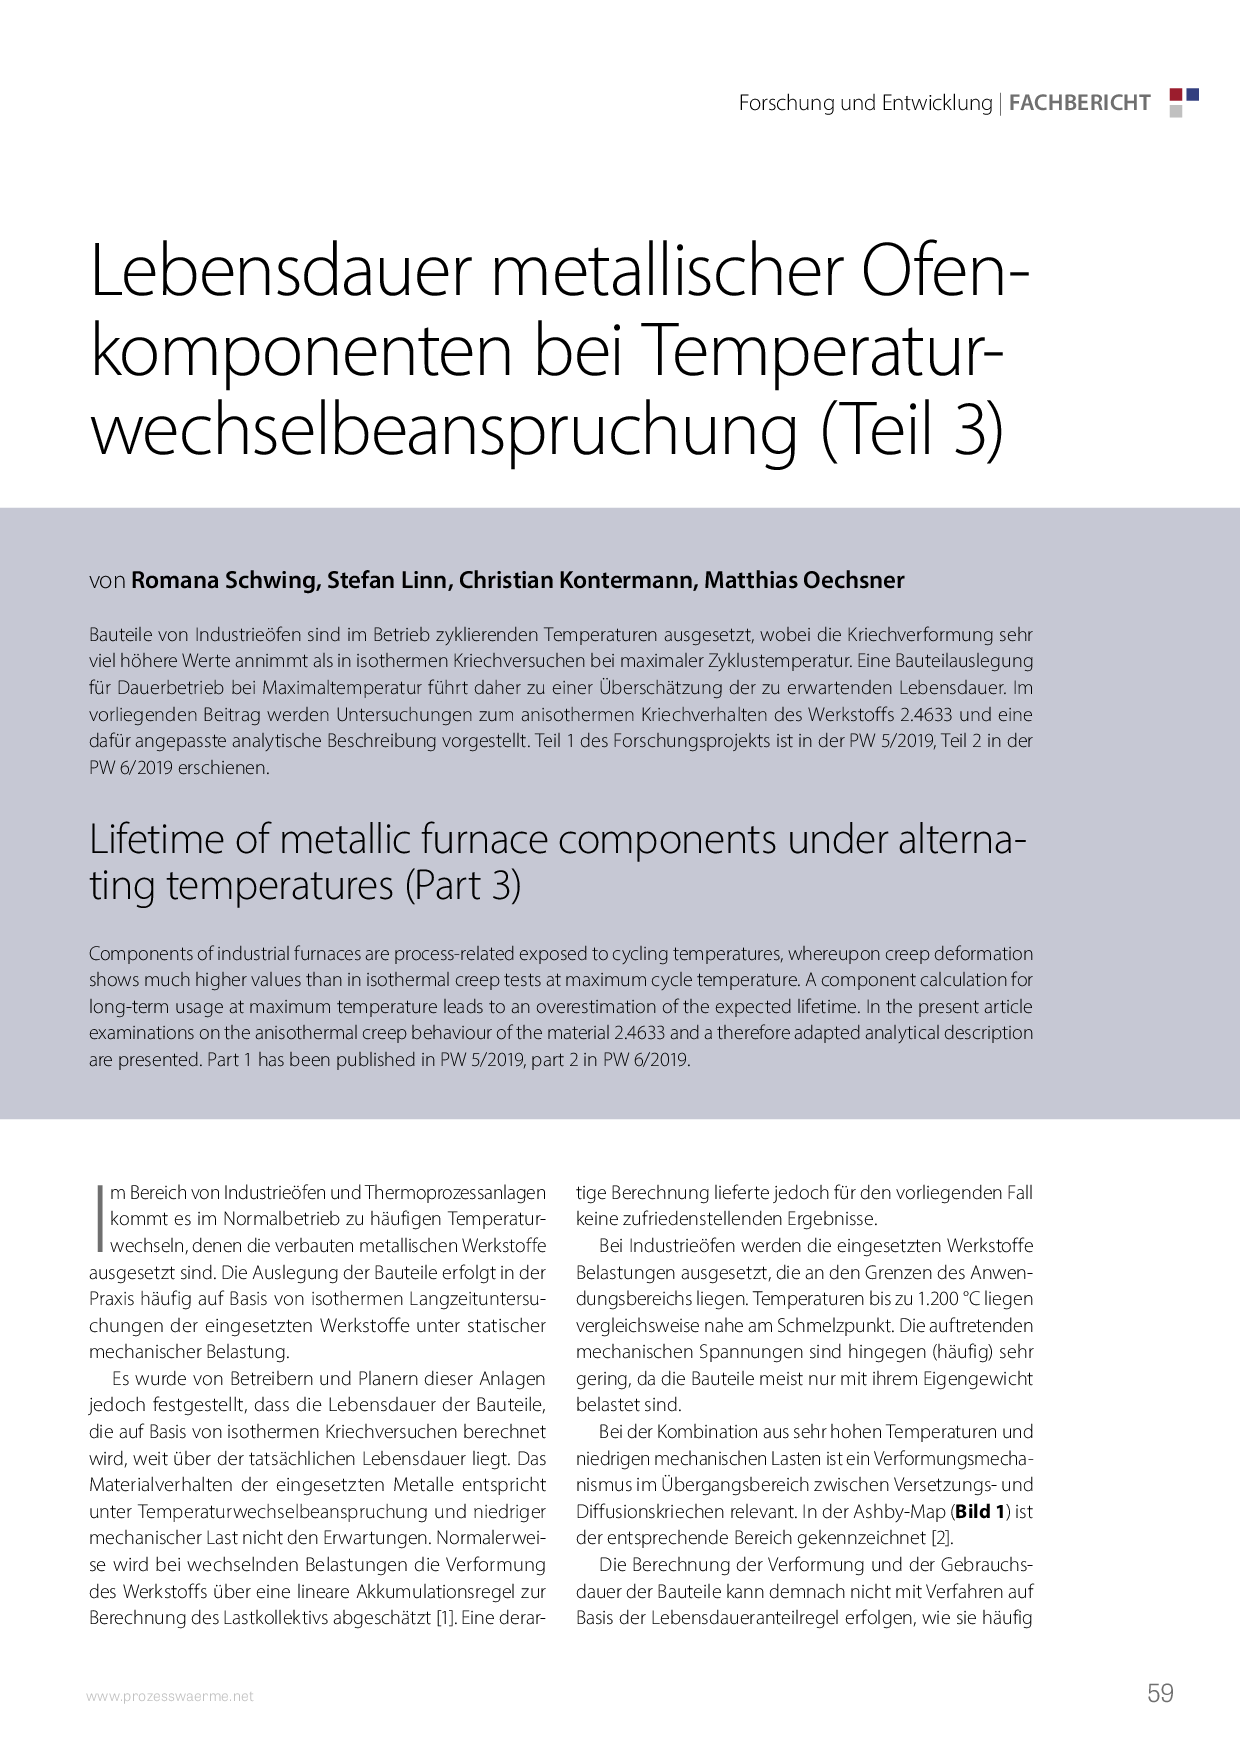 Lebensdauer metallischer Ofenkomponenten bei Temperaturwechselbeanspruchung (Teil 3)